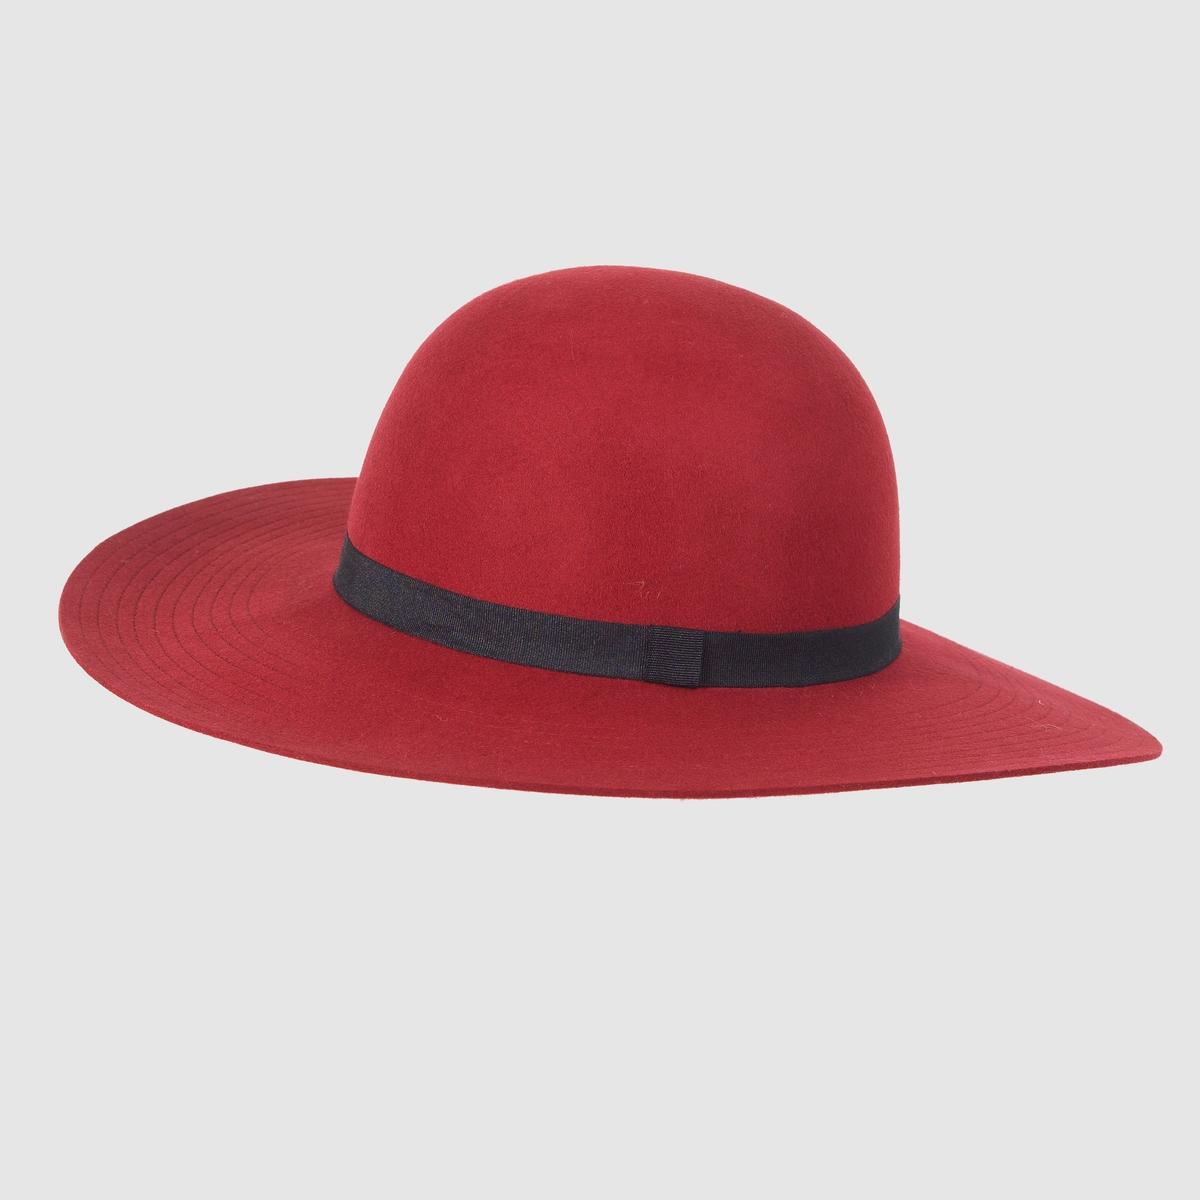 Шляпа с широкими поламиШляпа с широкими полами, R studio .Просто наденьте эту великолепную шляпу и придайте вашем прогулкам особенный стиль и шик ! Шляпа из 100% шерсти .<br><br>Цвет: бордовый,темно-синий<br>Размер: единый размер.единый размер